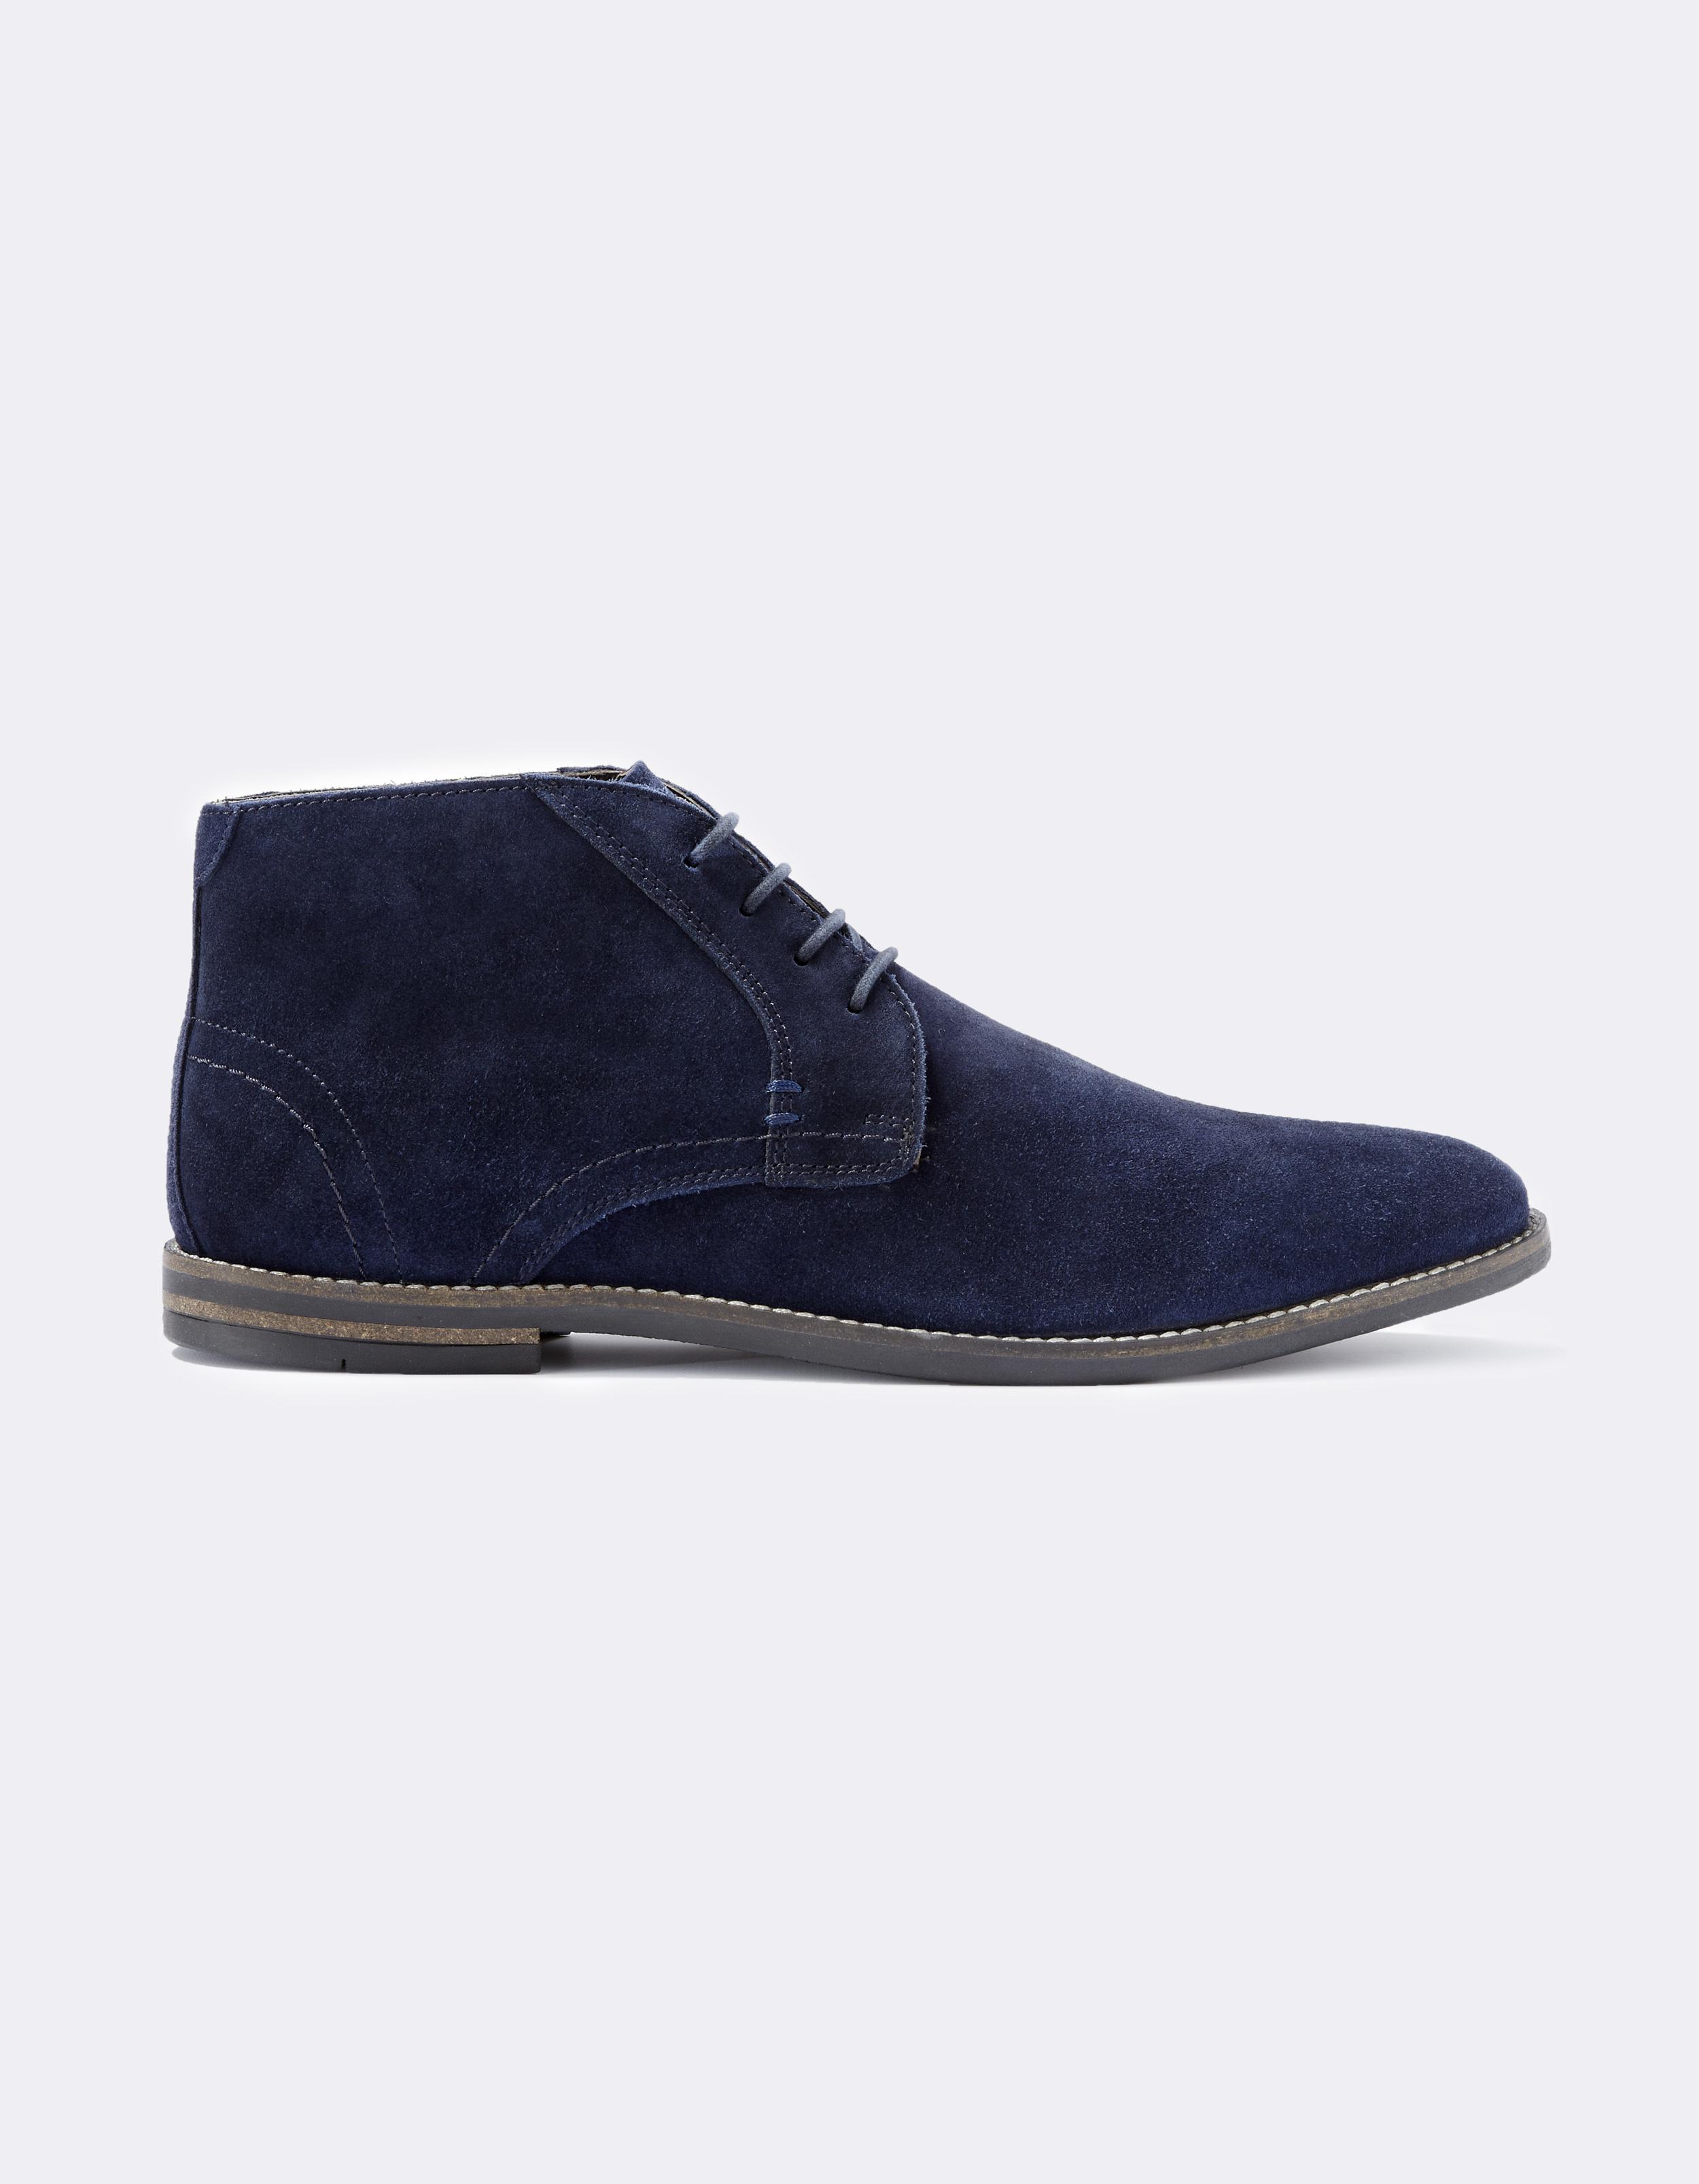 Chaussures mode ville Bertan noircuirwaterproof bgiYhJzYsW